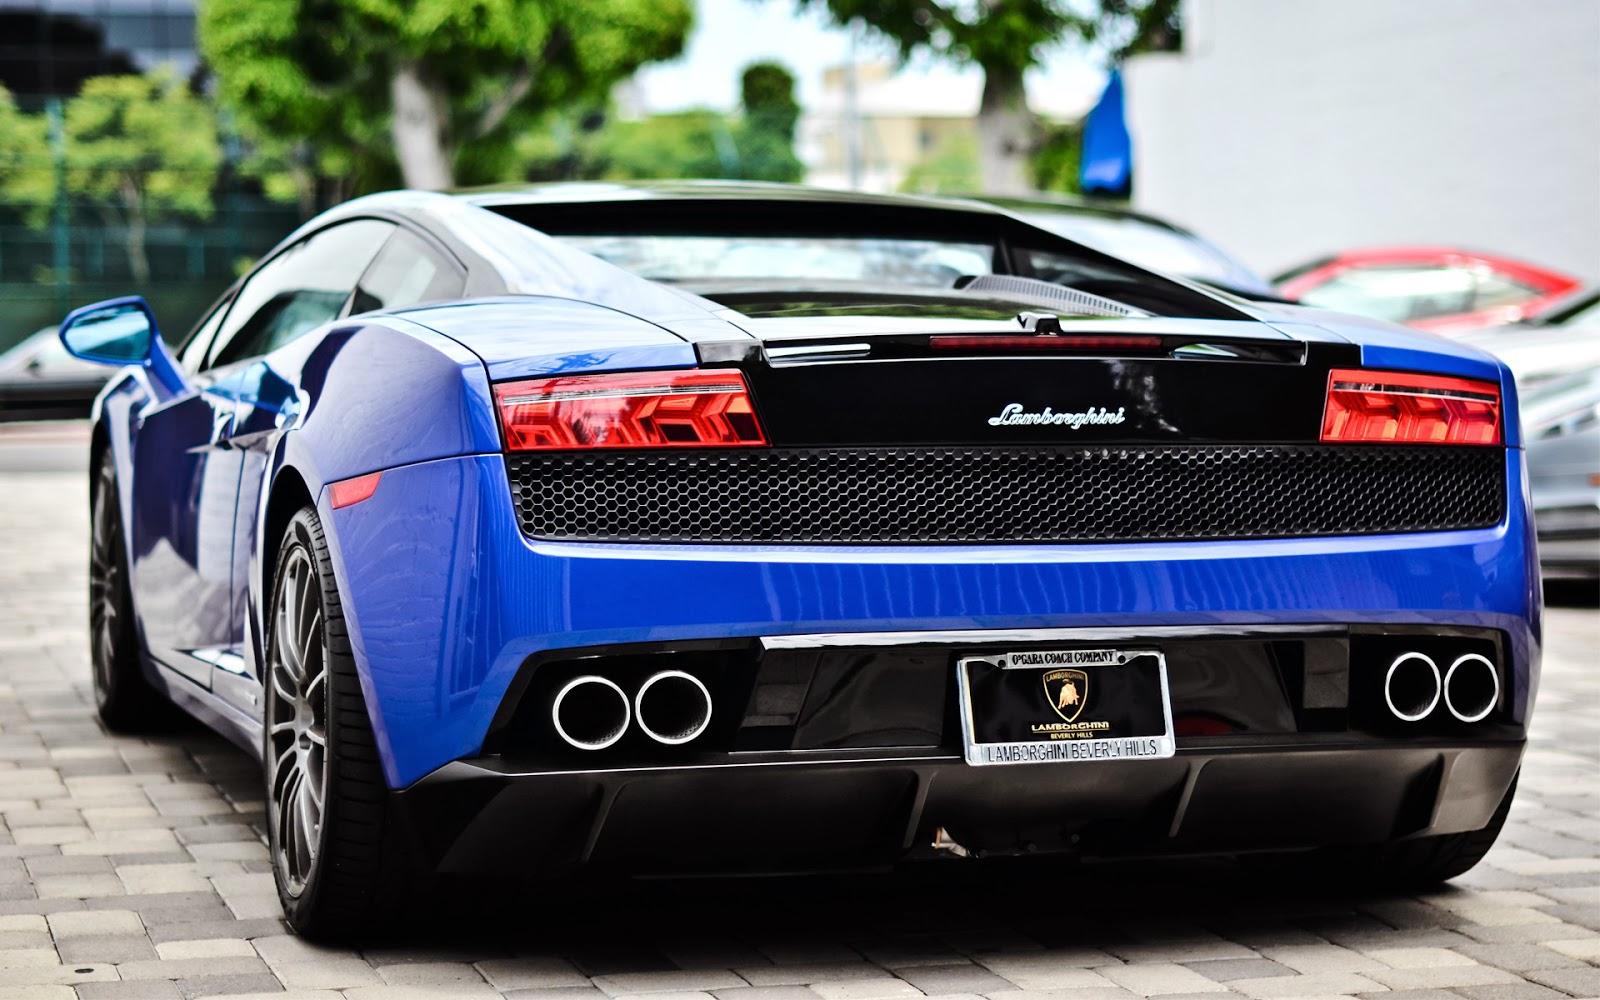 blue lamborghini blue flower - Lamborghini Black And Blue